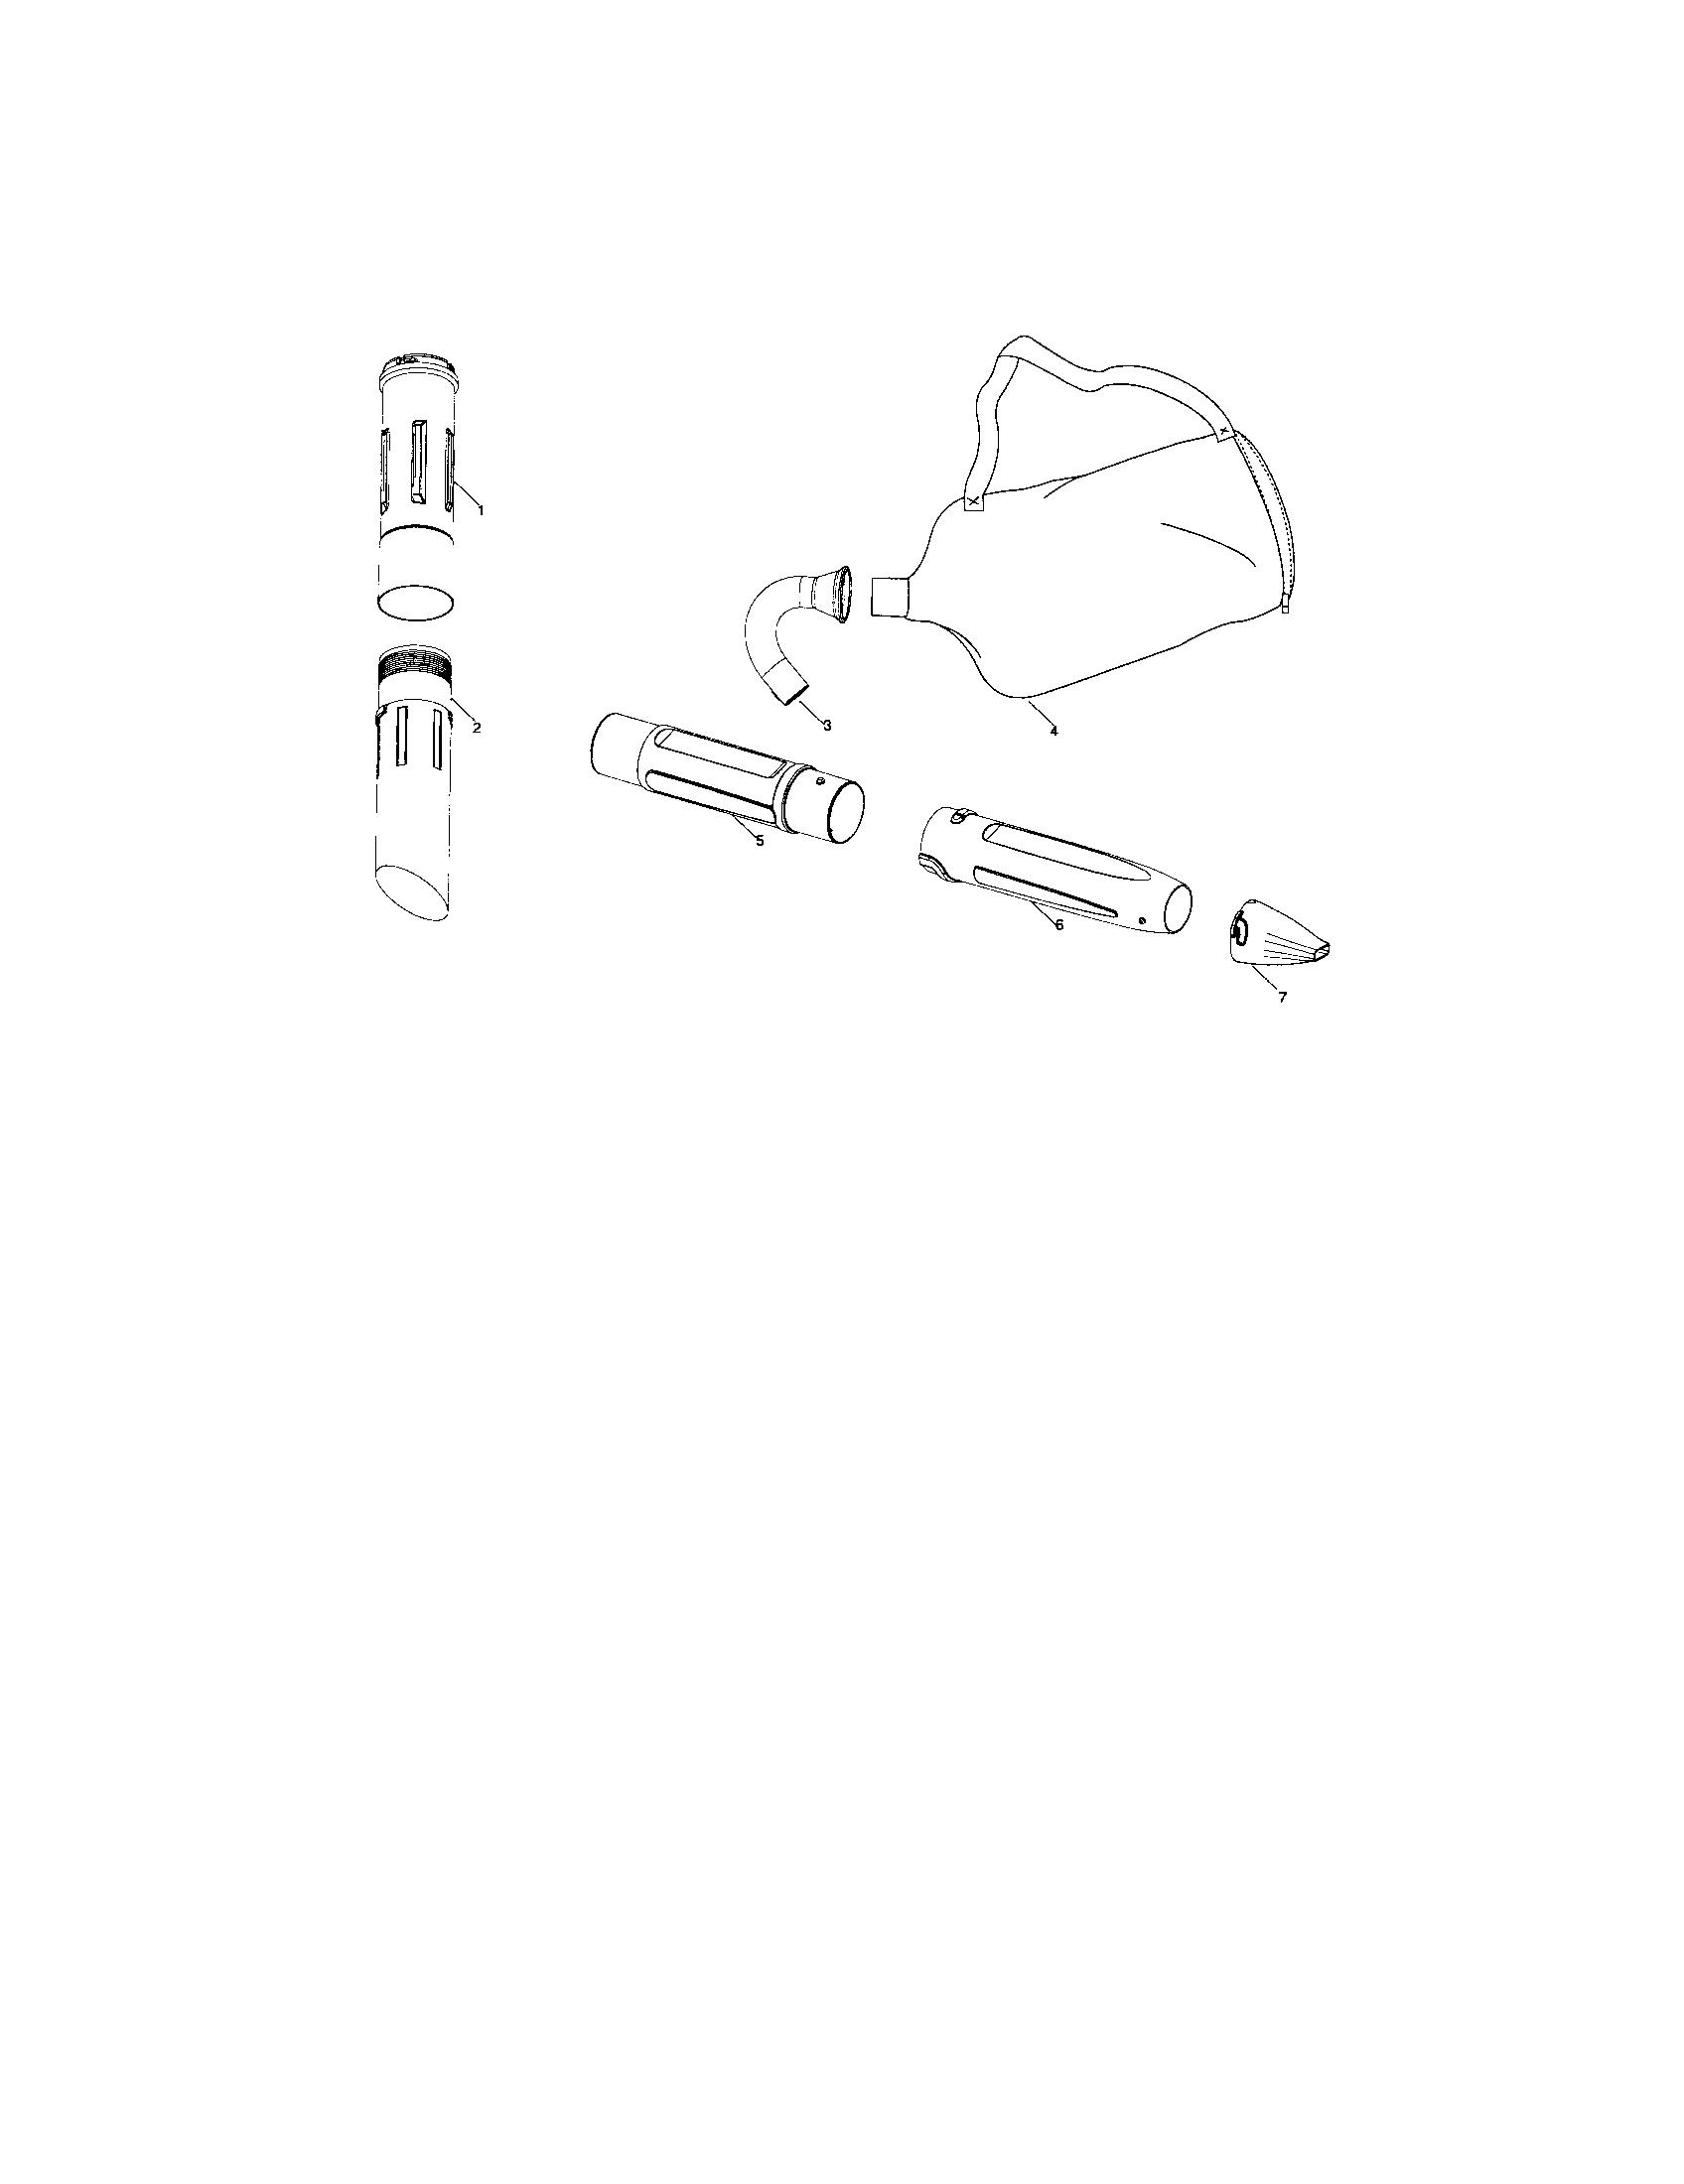 Craftsman model 358794772 blower, gas genuine parts